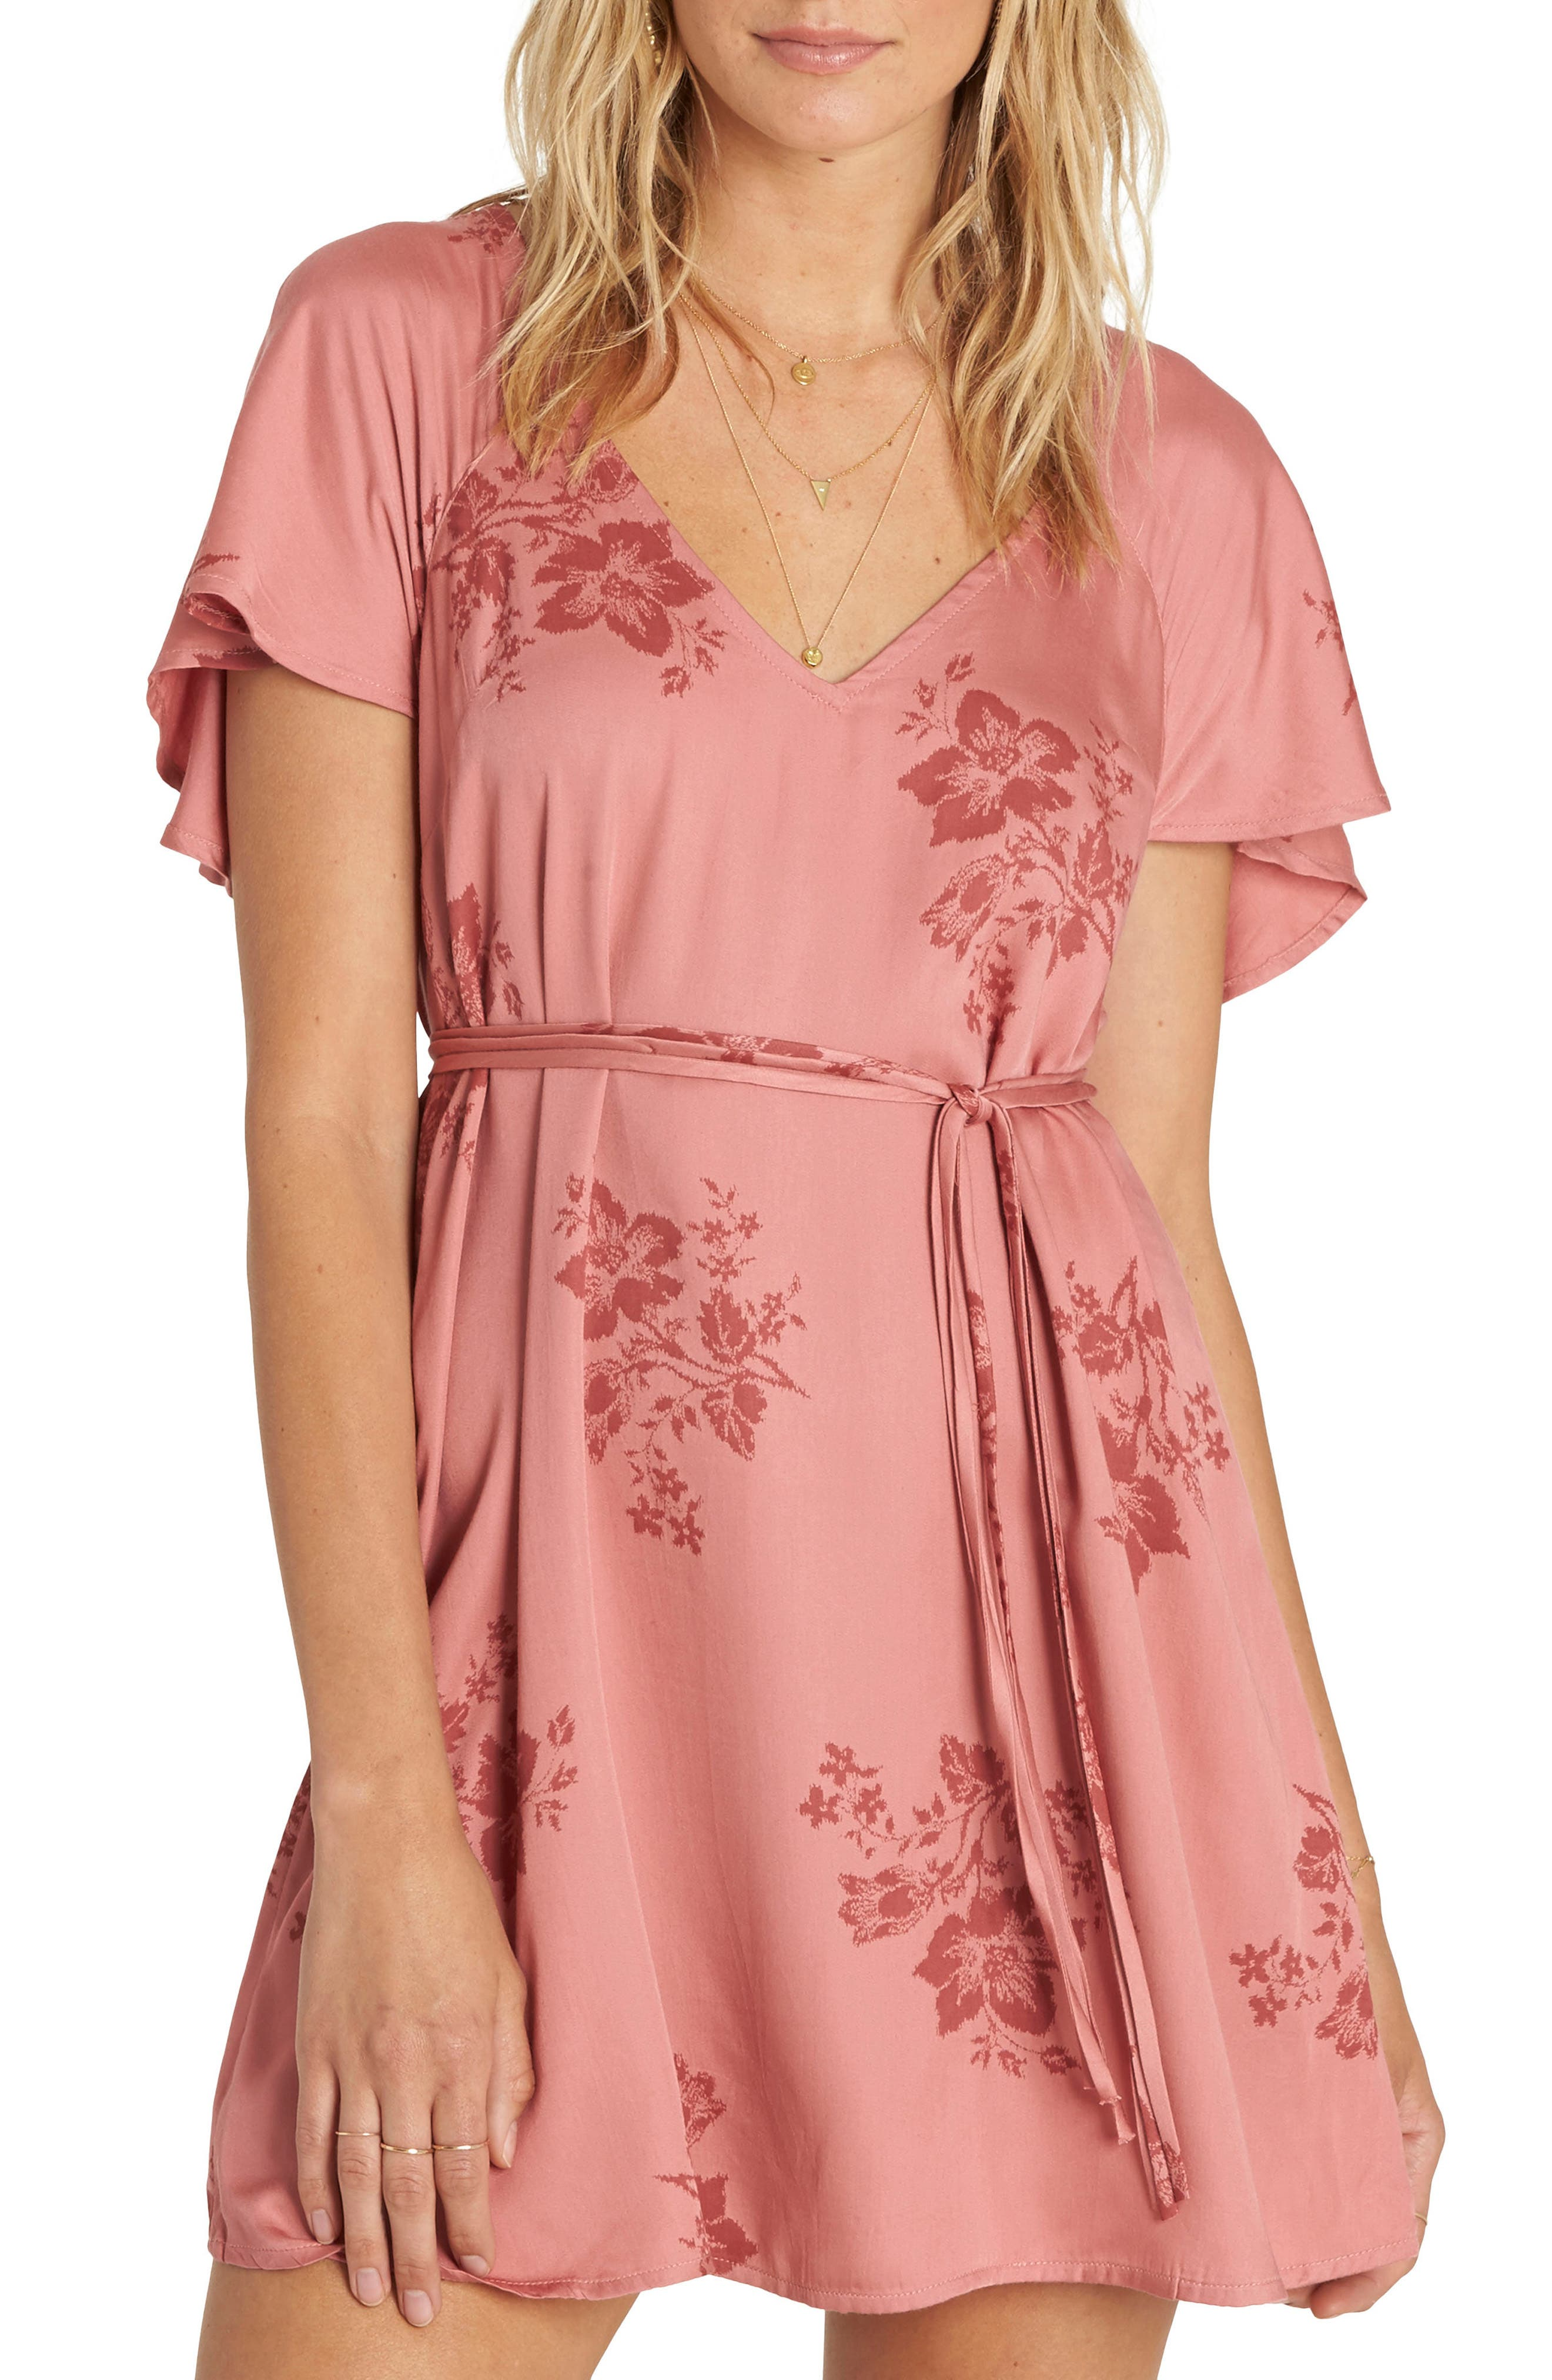 Alternate Image 1 Selected - Billabong Fine Flutter Floral Dress